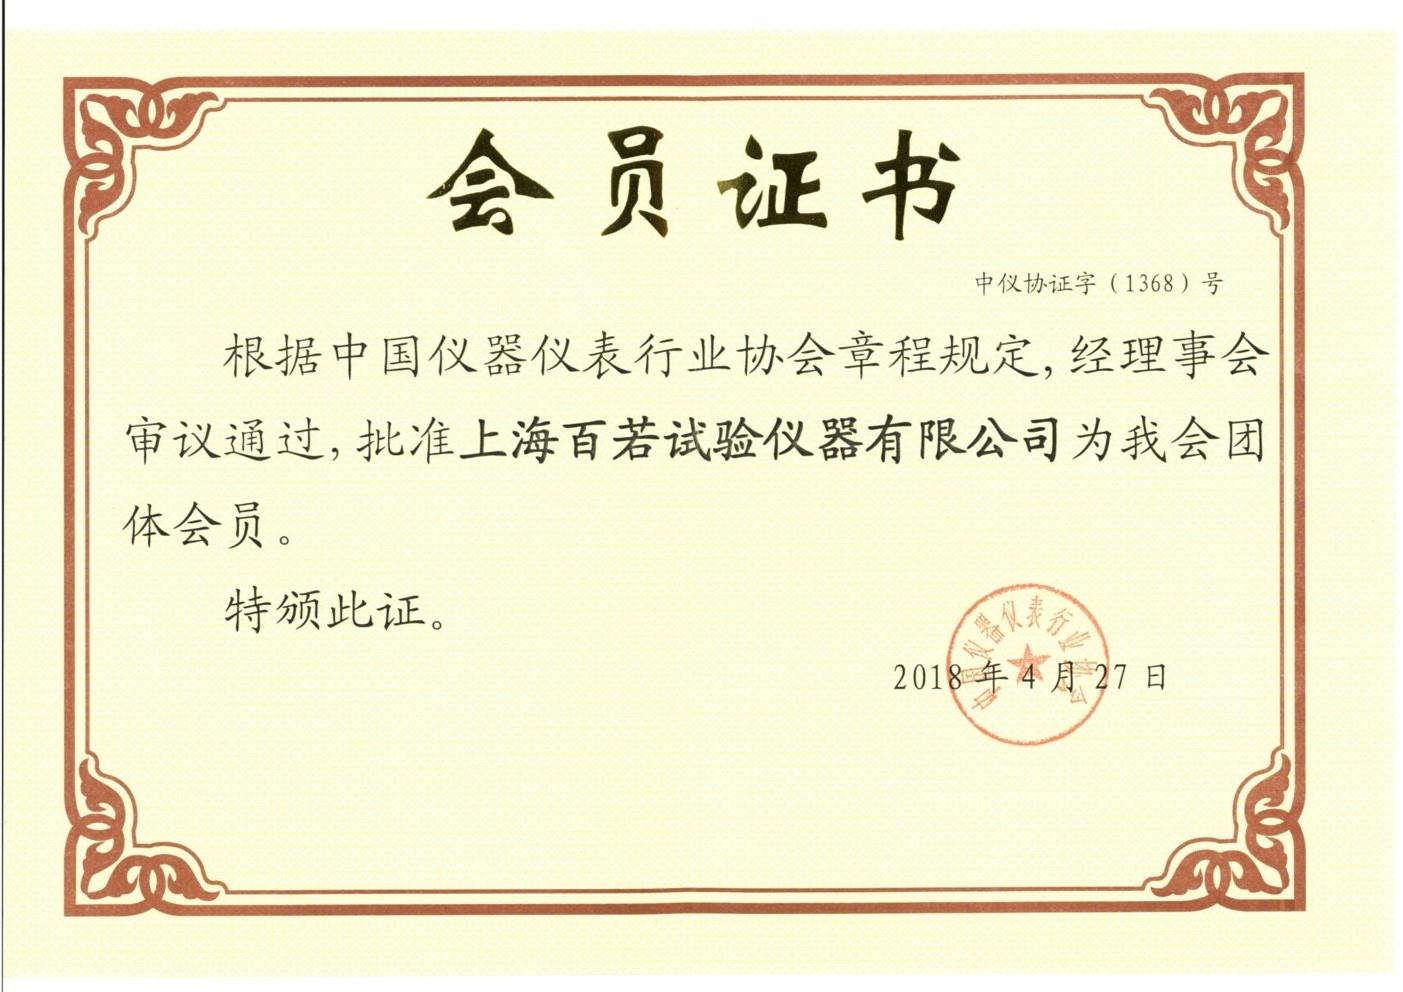 中国仪器仪表行业协会会员